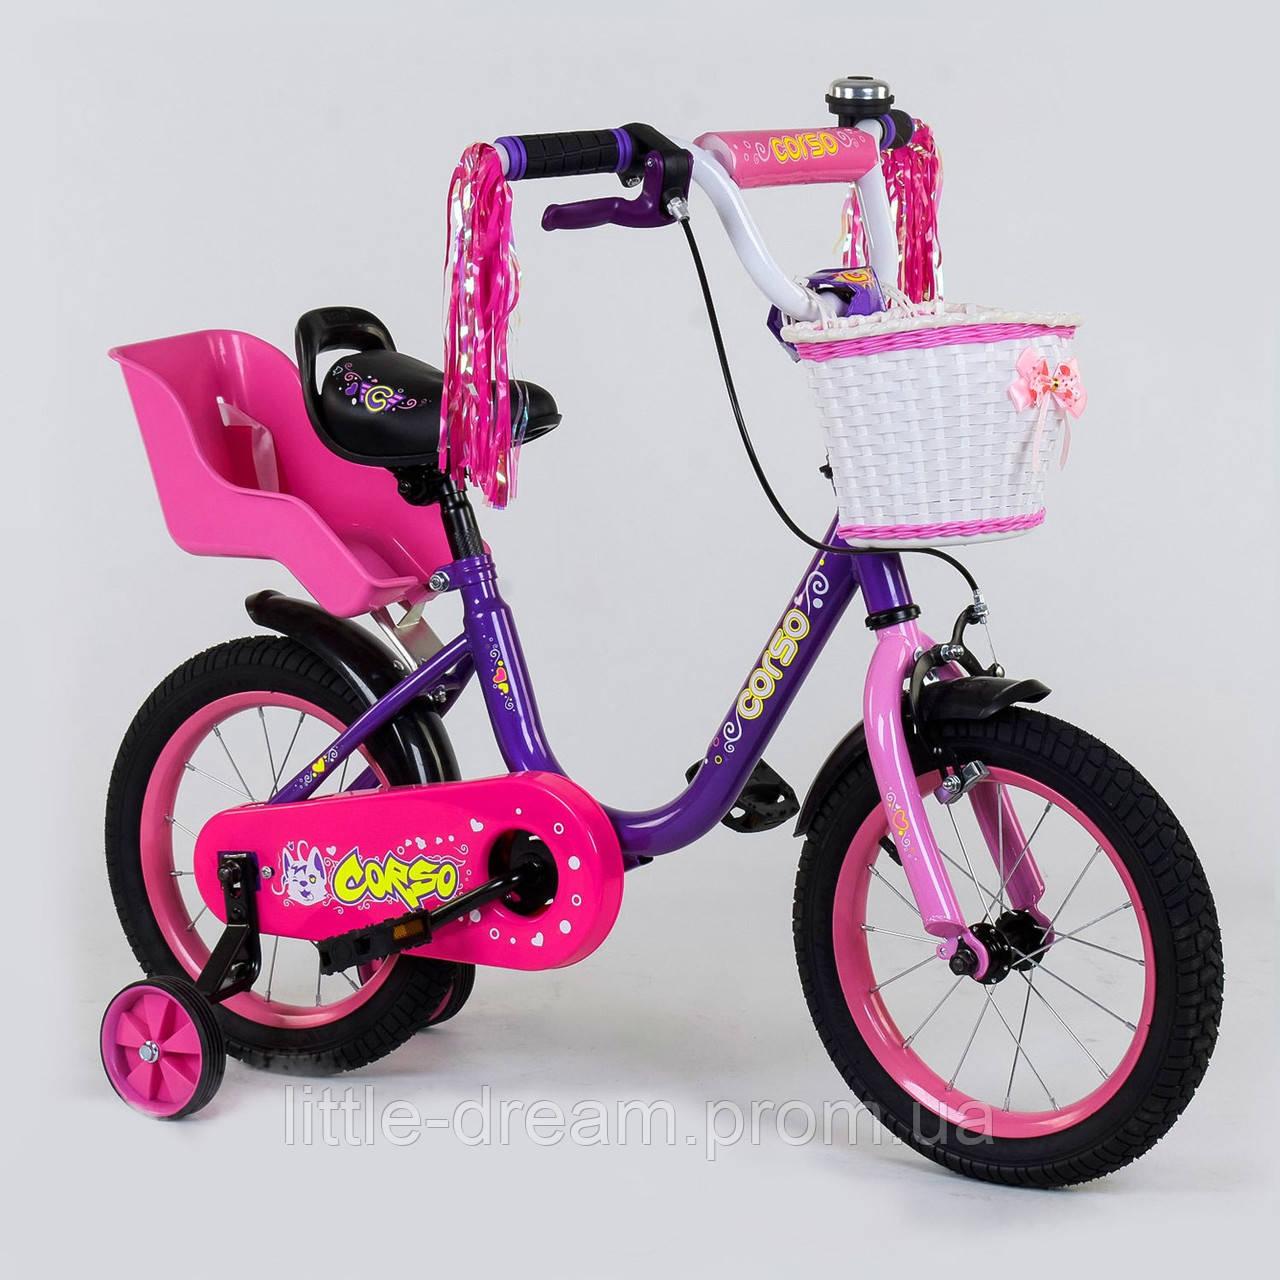 """Велосипед 14"""" дюймов 2-х колёсный 1481 """"CORSO"""", новый ручной тормоз, корзинка, звоночек, сидение с ручкой, дополнительные колеса"""